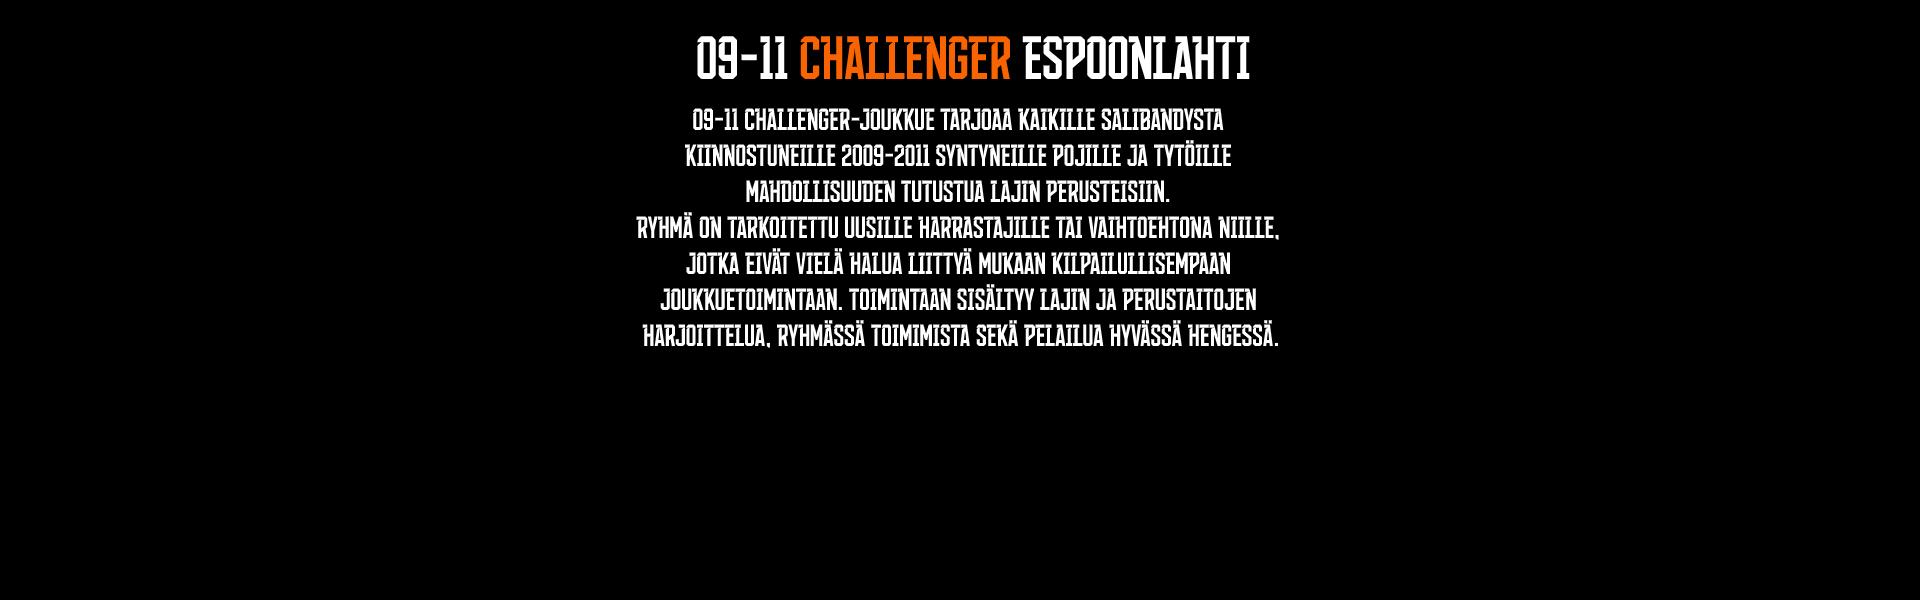 09-11 CHALLENGER ESPOONLAHTI